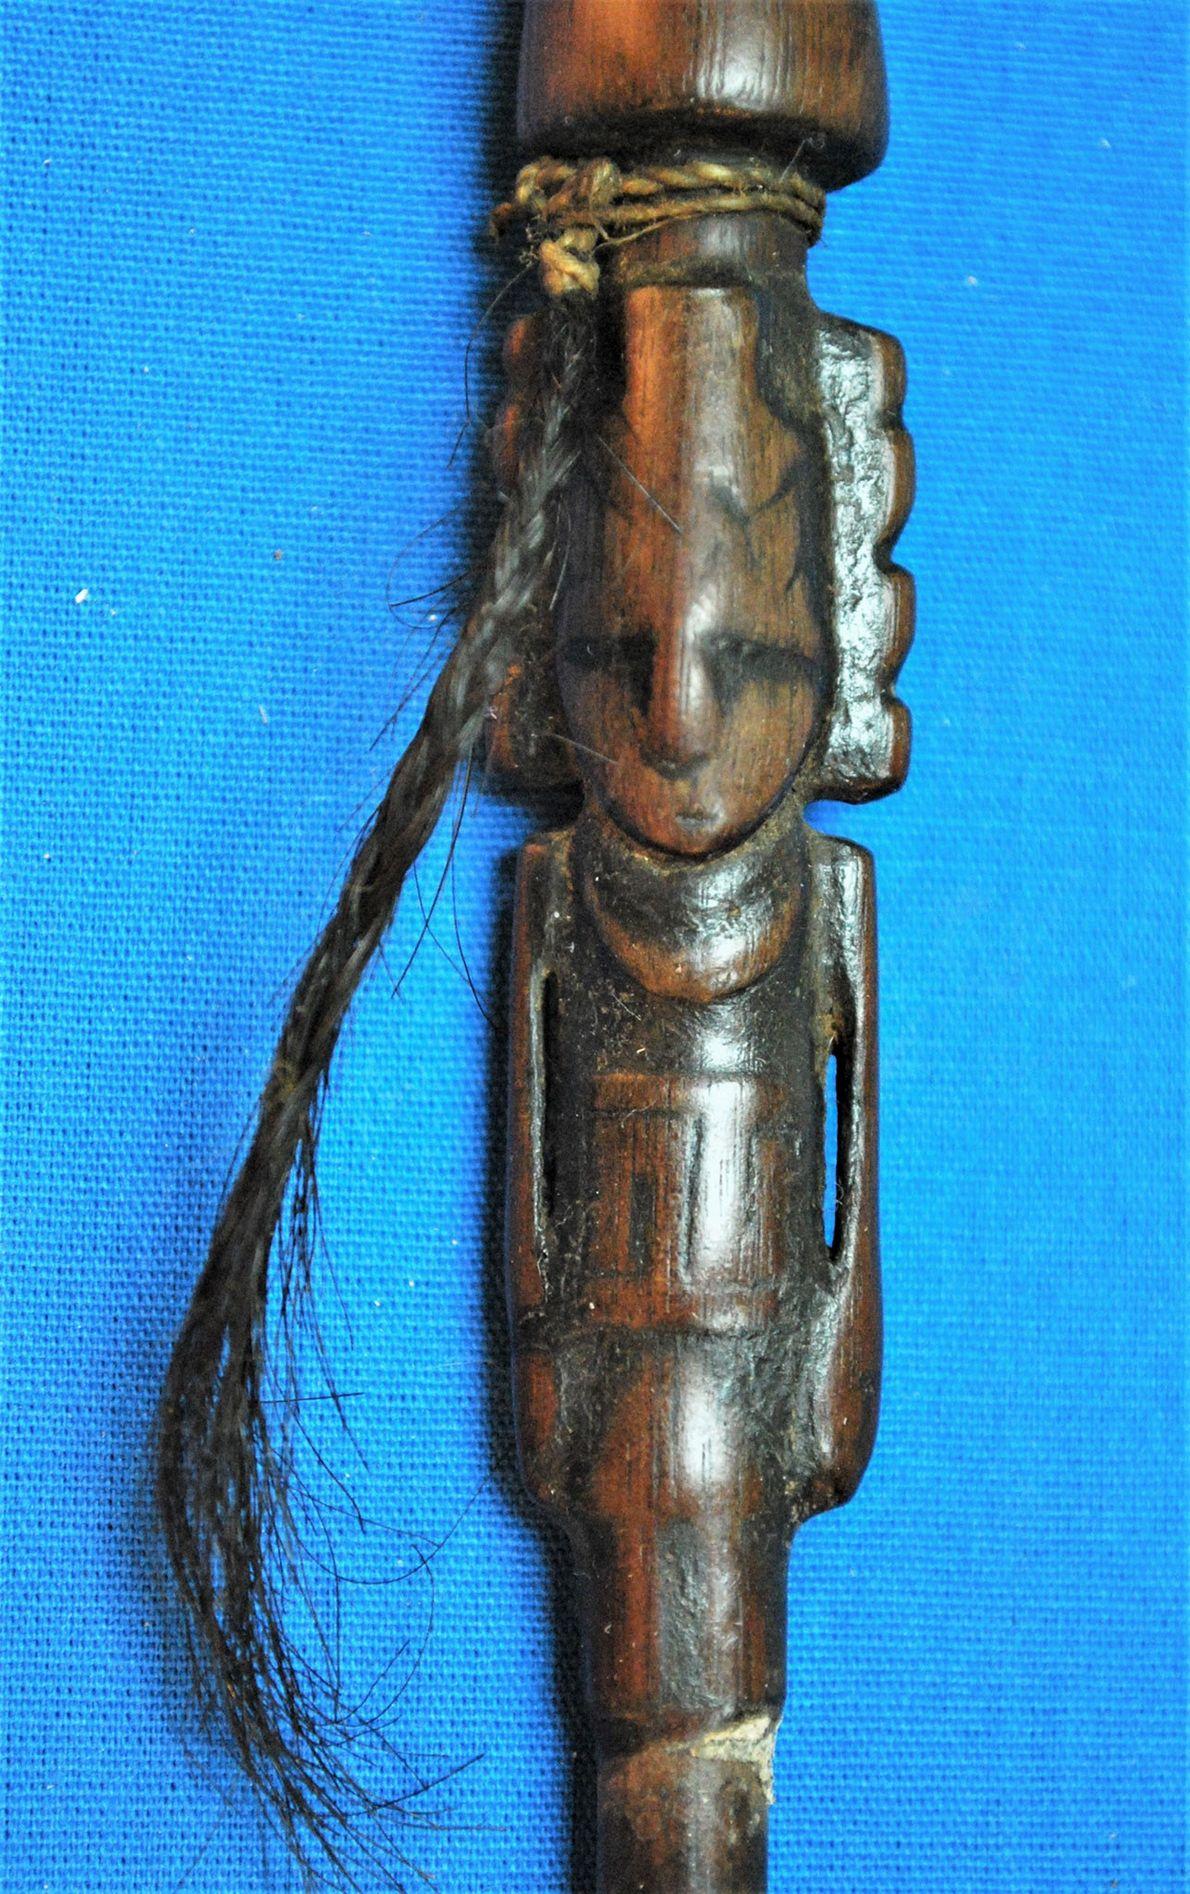 Un tube d'inhalation trouvé dans l'étui à rituels est sculpté en forme de figure humaine, rempli …